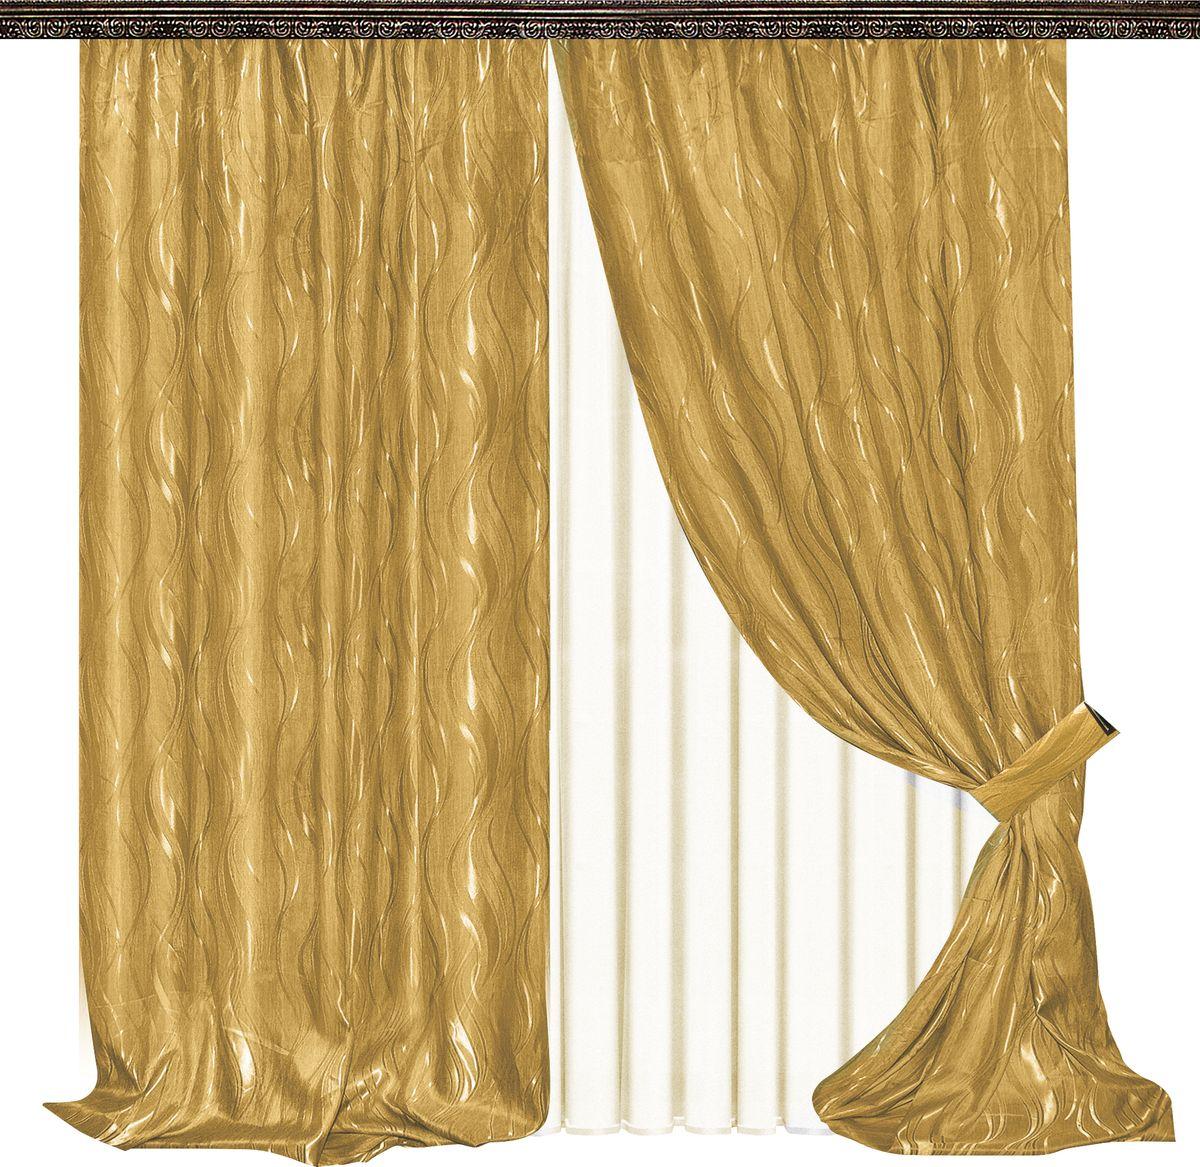 Комплект штор Zlata Korunka, на ленте, цвет: золотой, высота 270 см. 777045